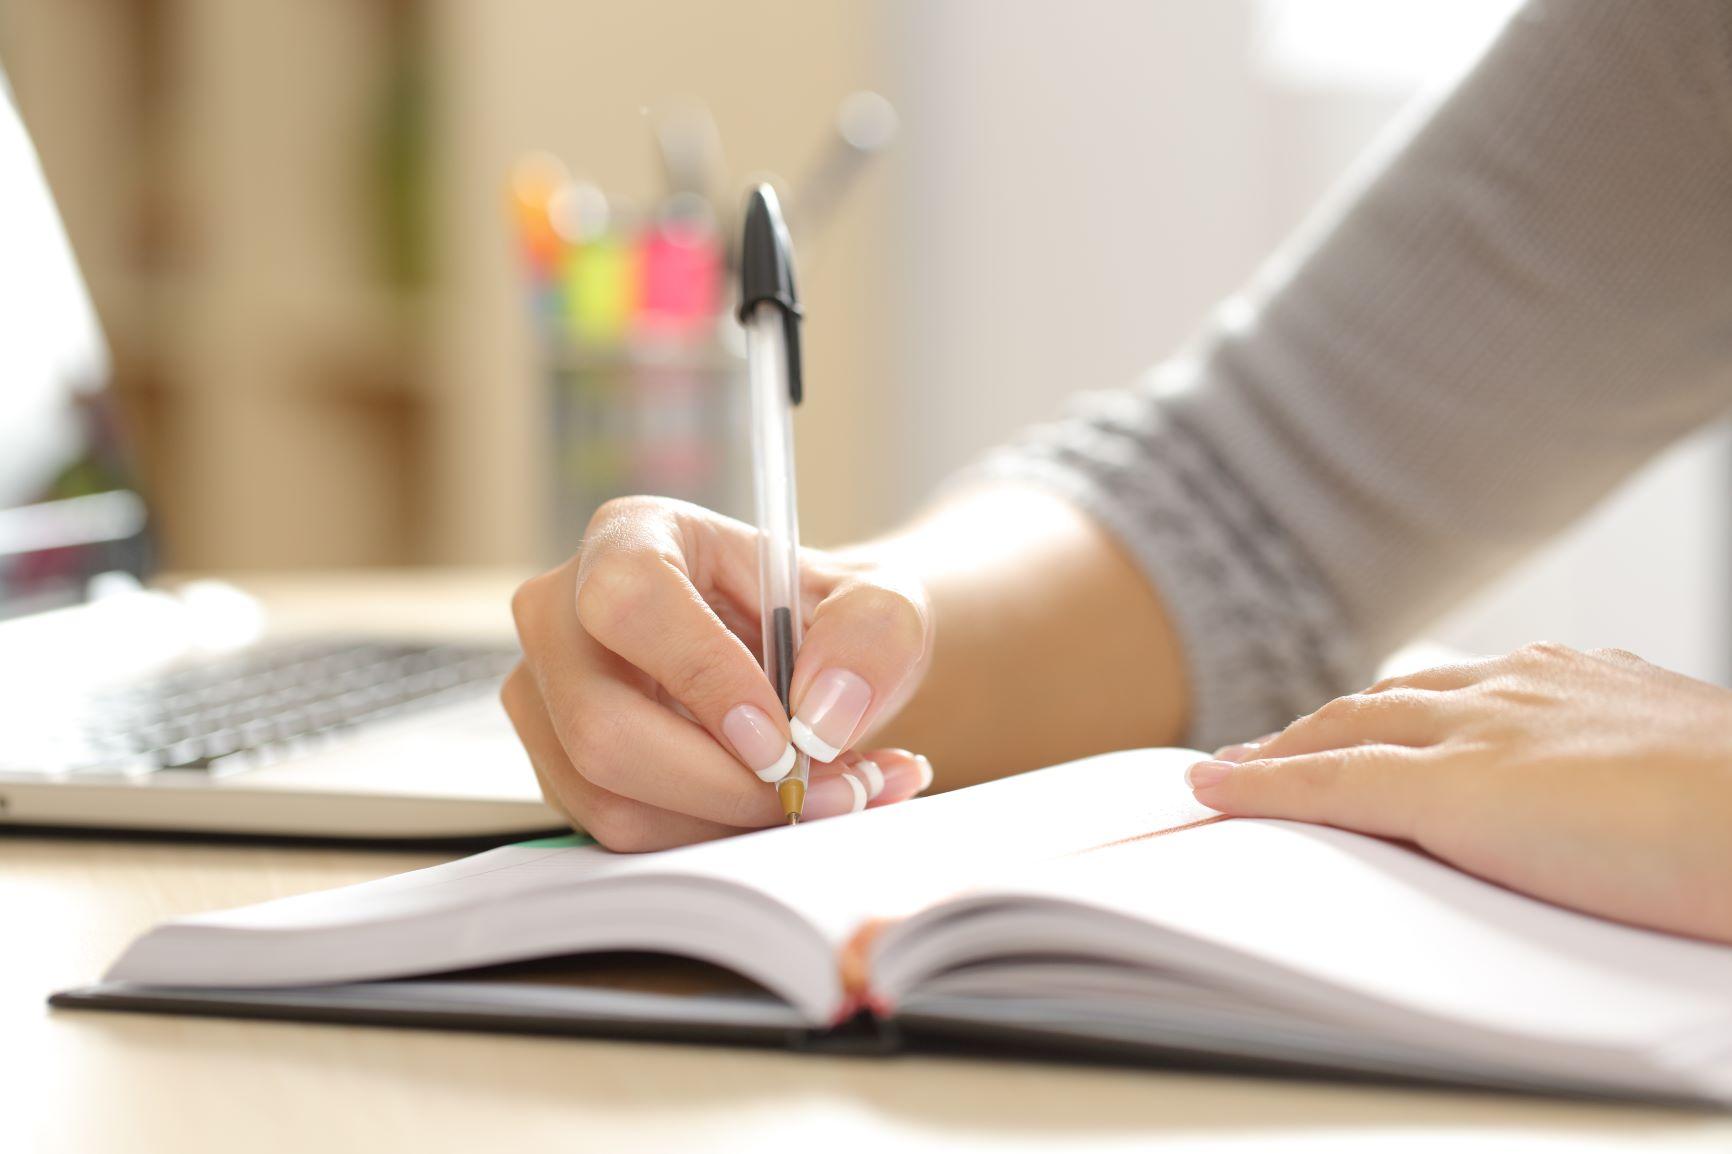 剑桥考官雅思网课:A类写作小作文 - 比较图表